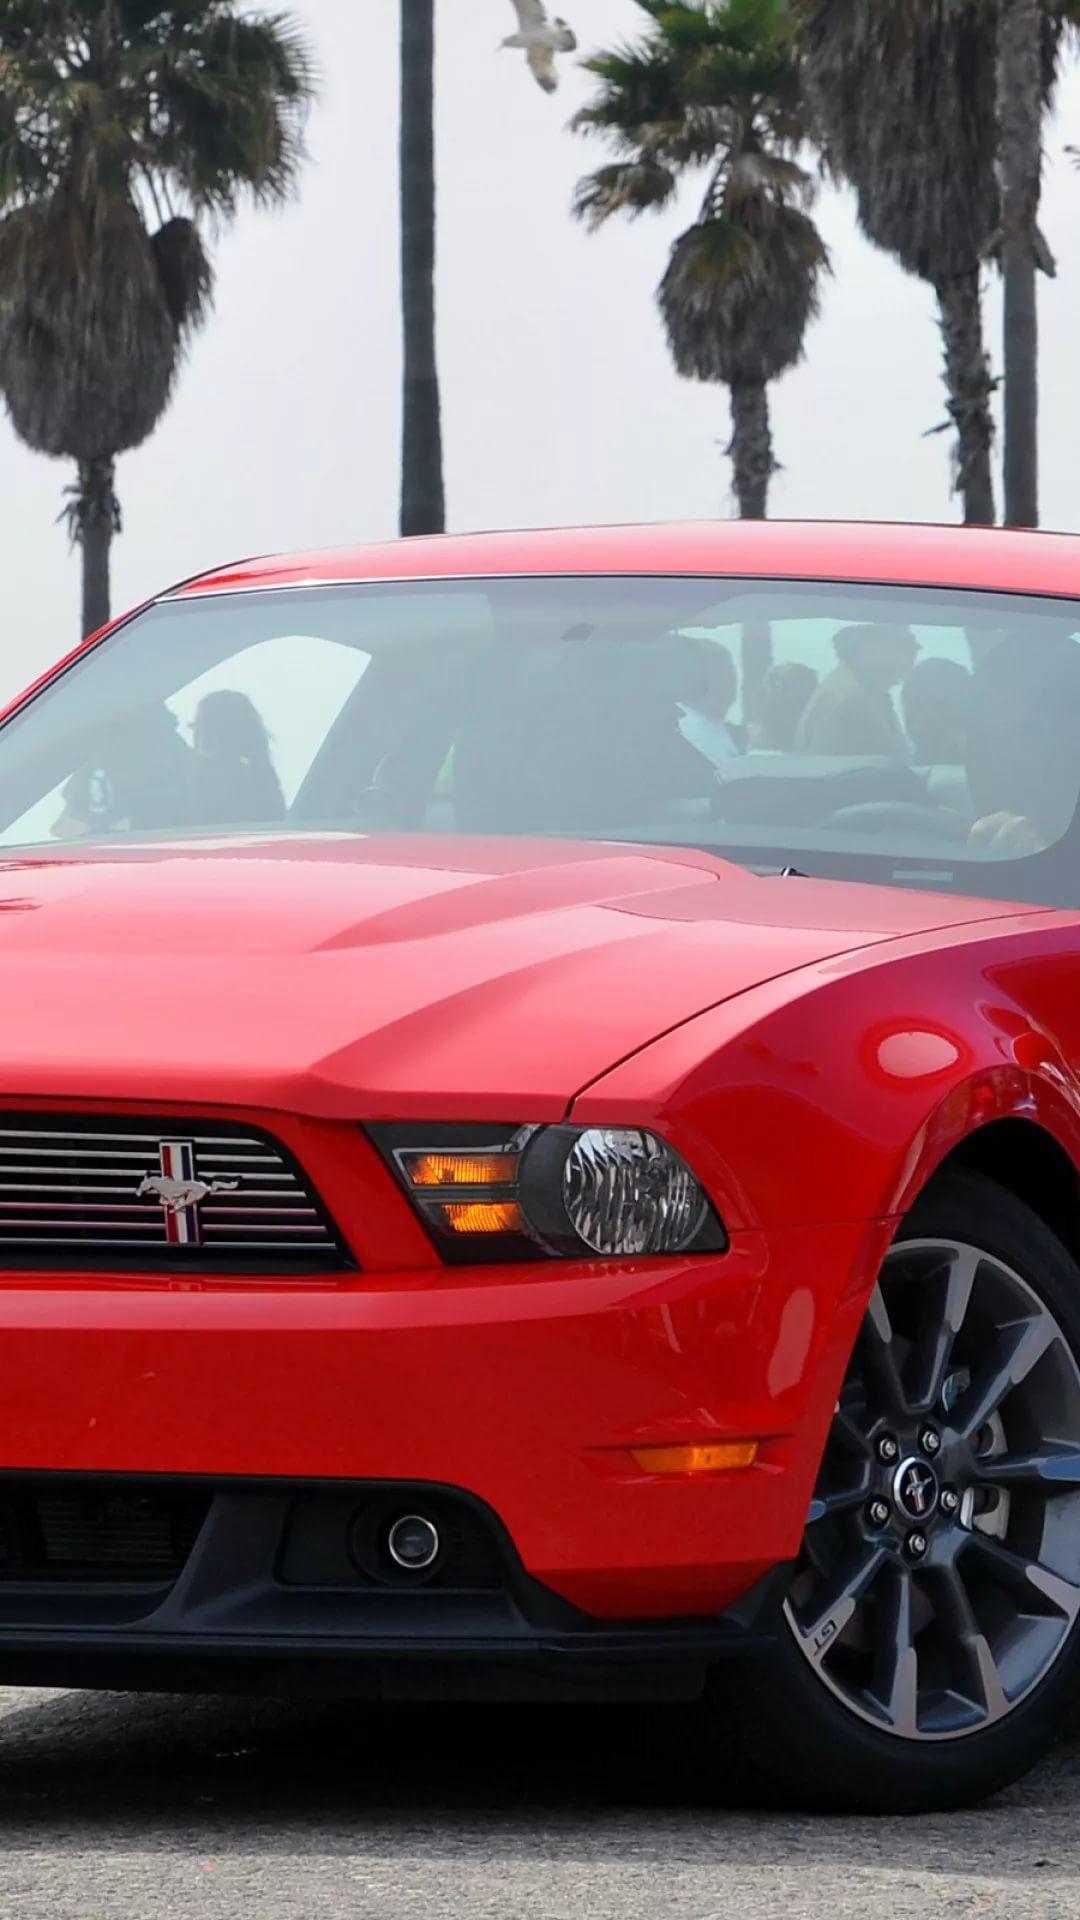 Mustang GT iPhone wallpaper